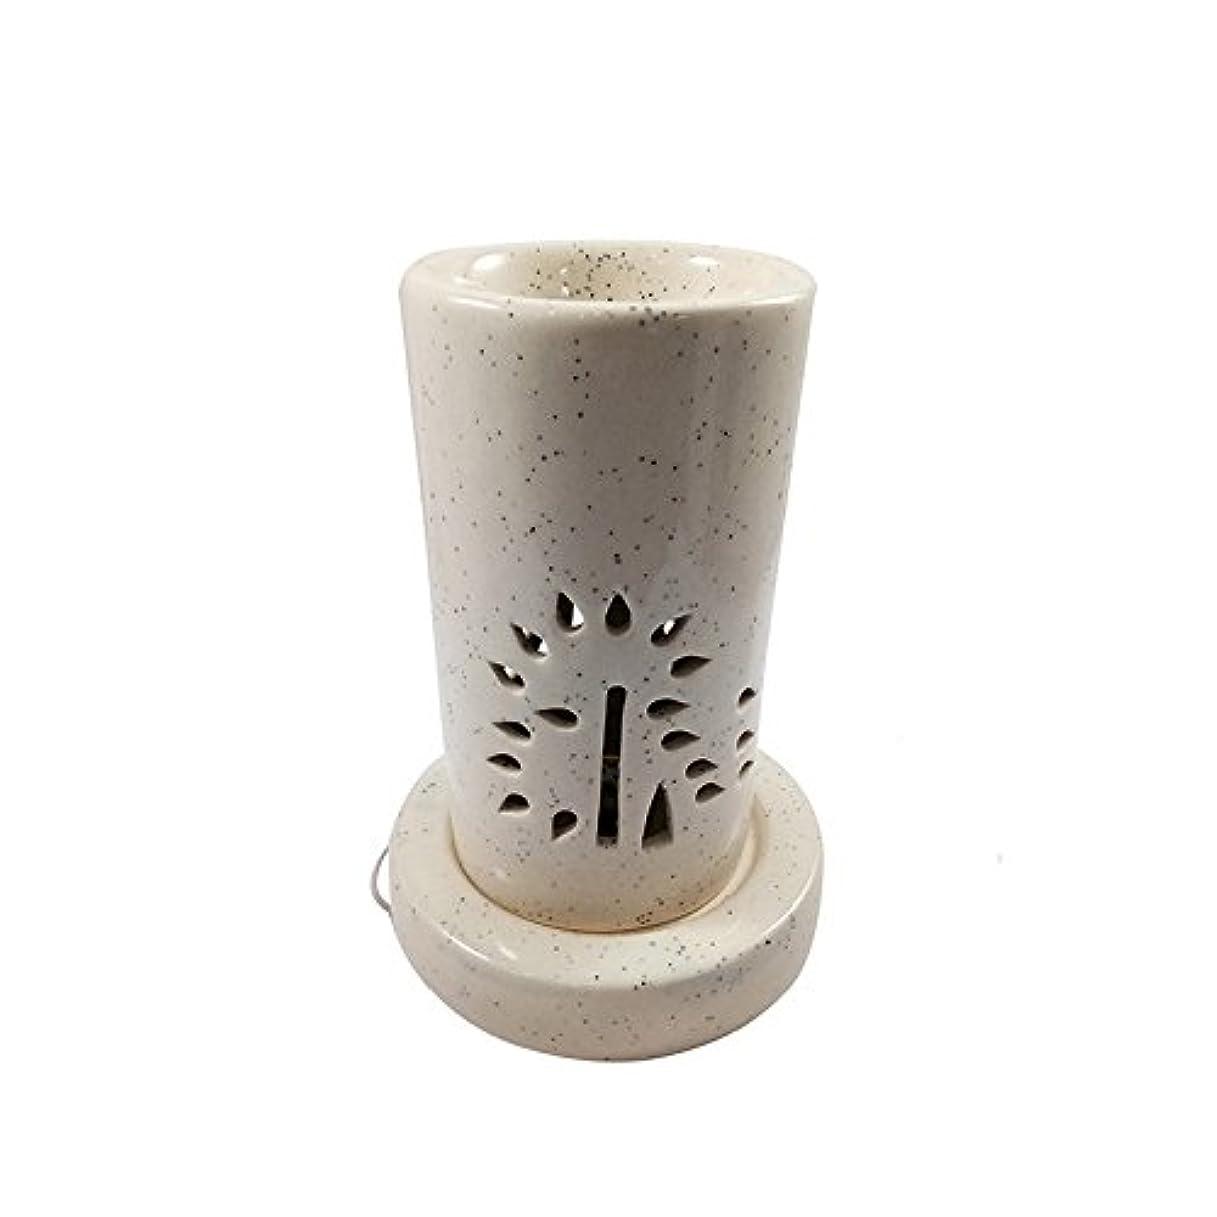 ありがたい電圧協会ホームデコレーション定期的に使用する汚染のない手作りセラミックエスニックアロマディフューザーオイルバーナー|良質ブラウン色電気アロマテラピー香油暖かい数量1